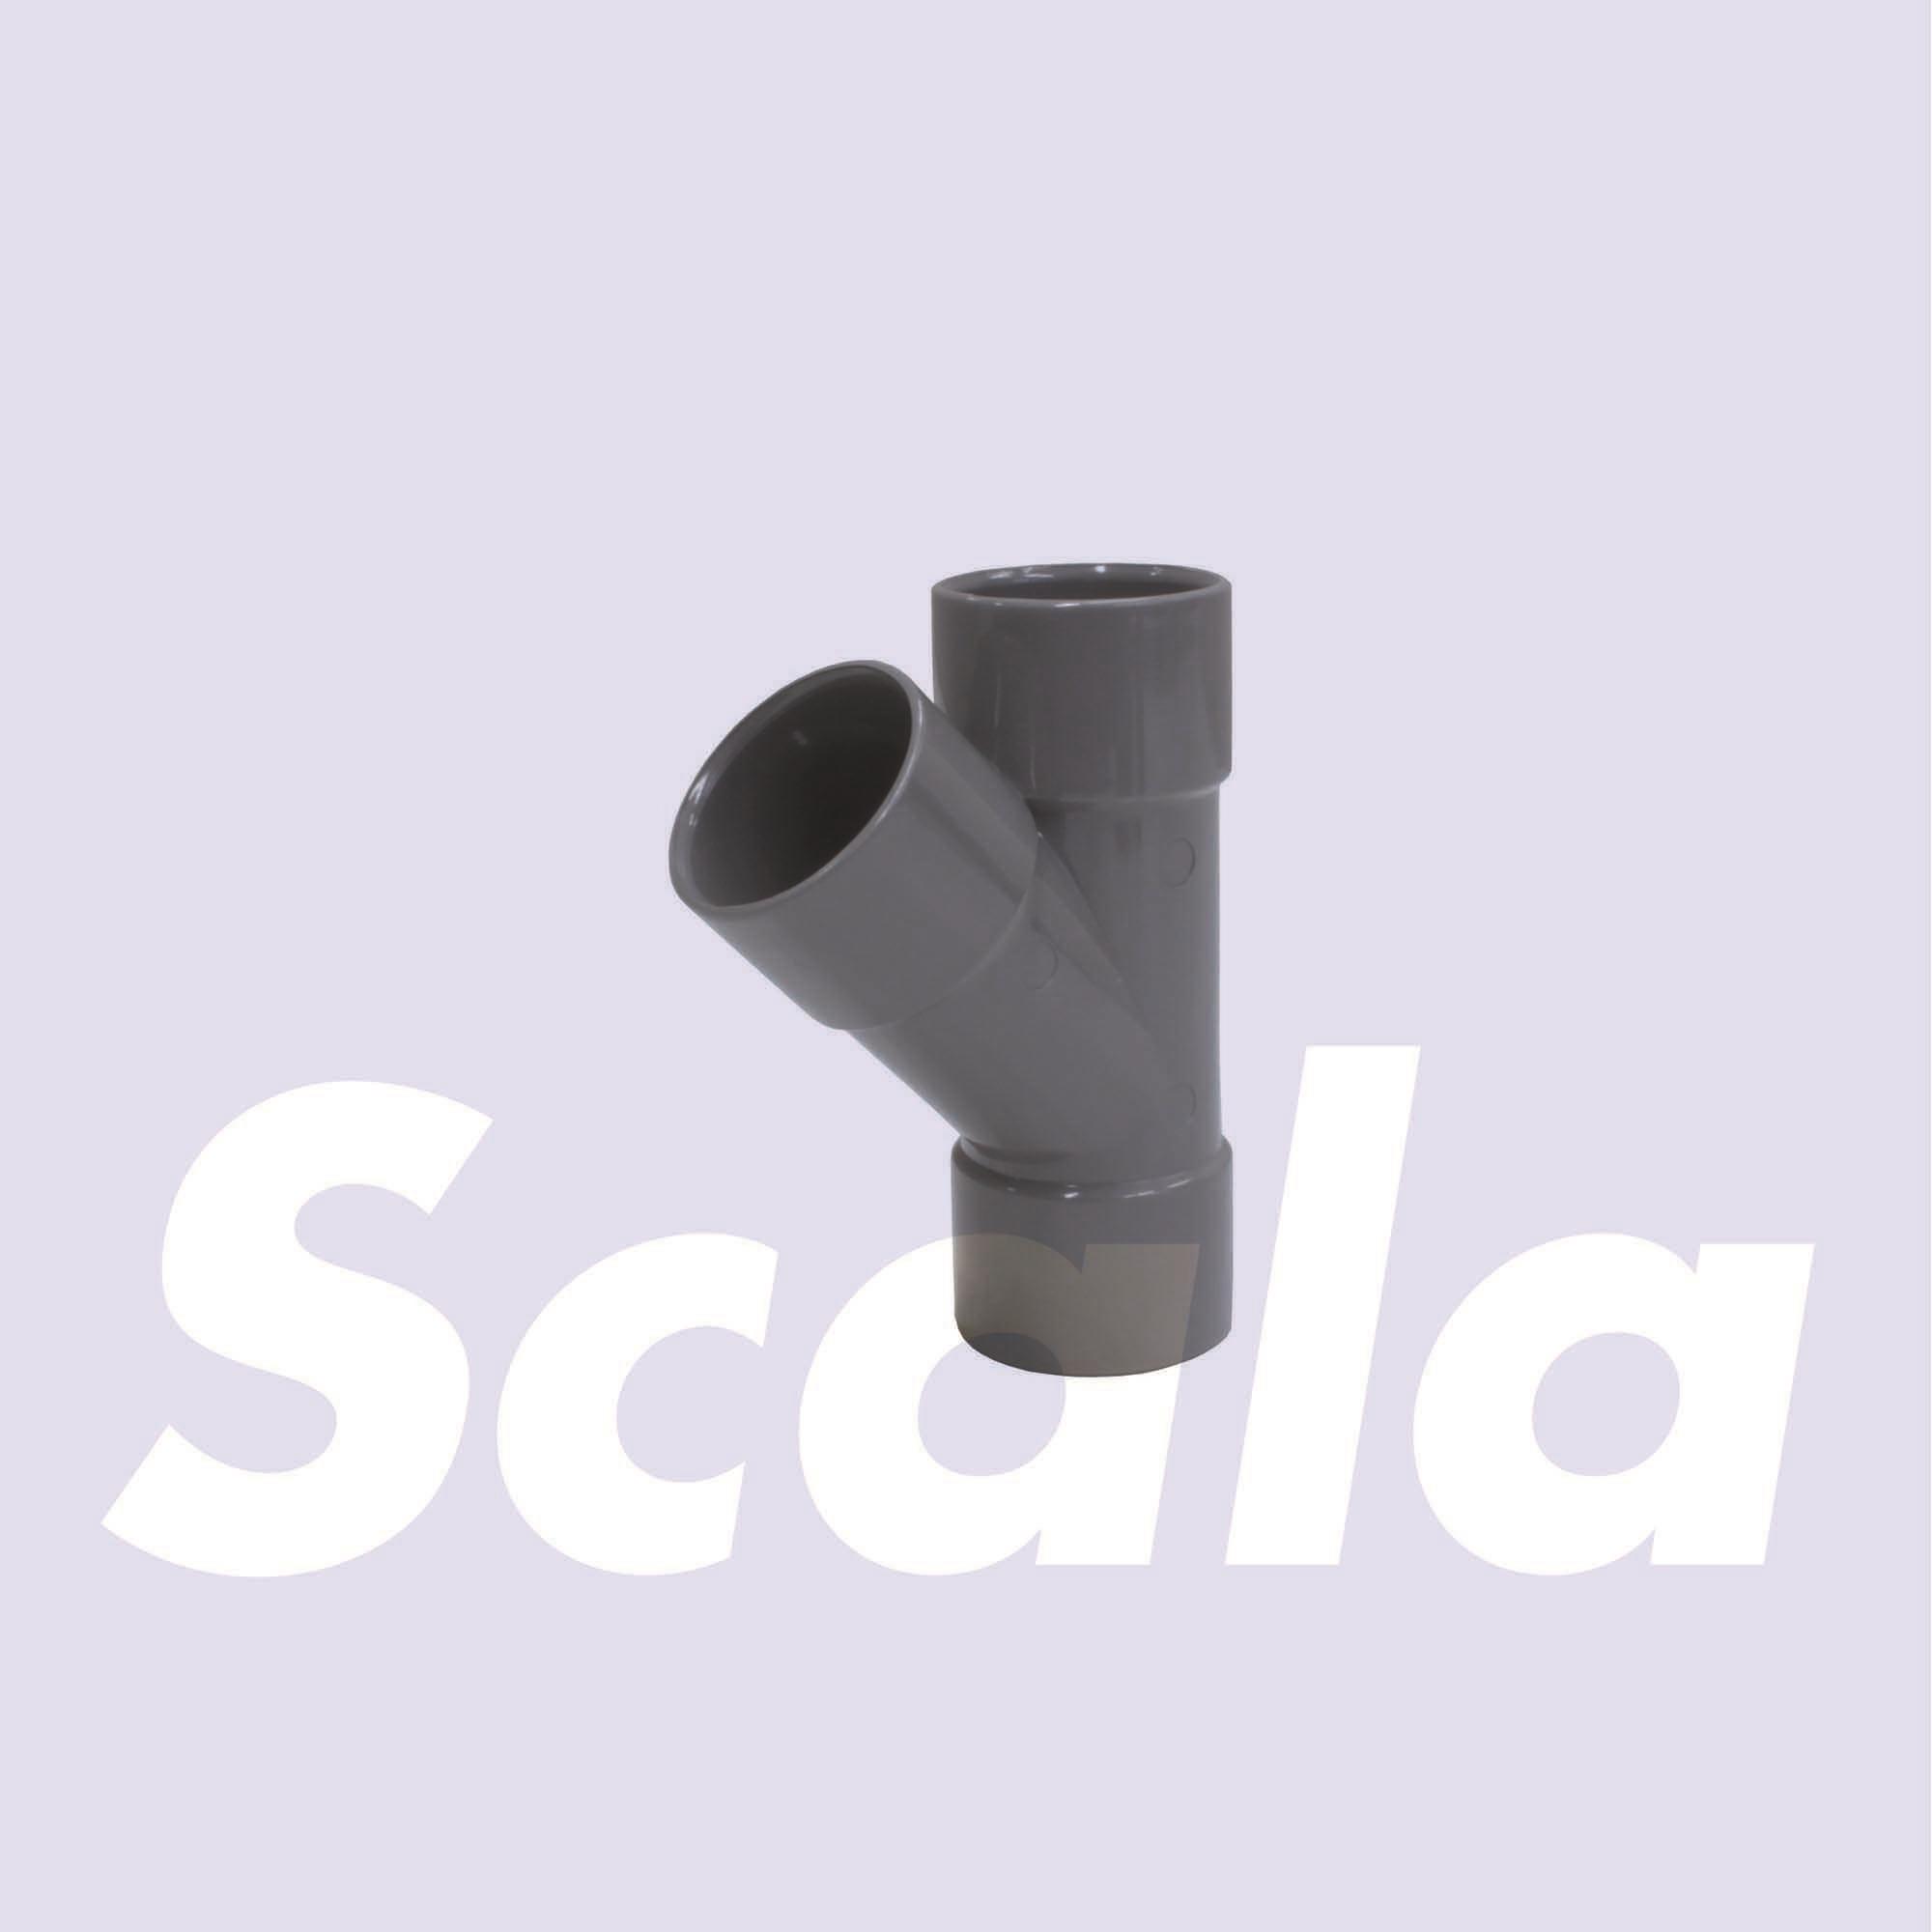 SAN. T-ST. SG DIA 32-45' F/F